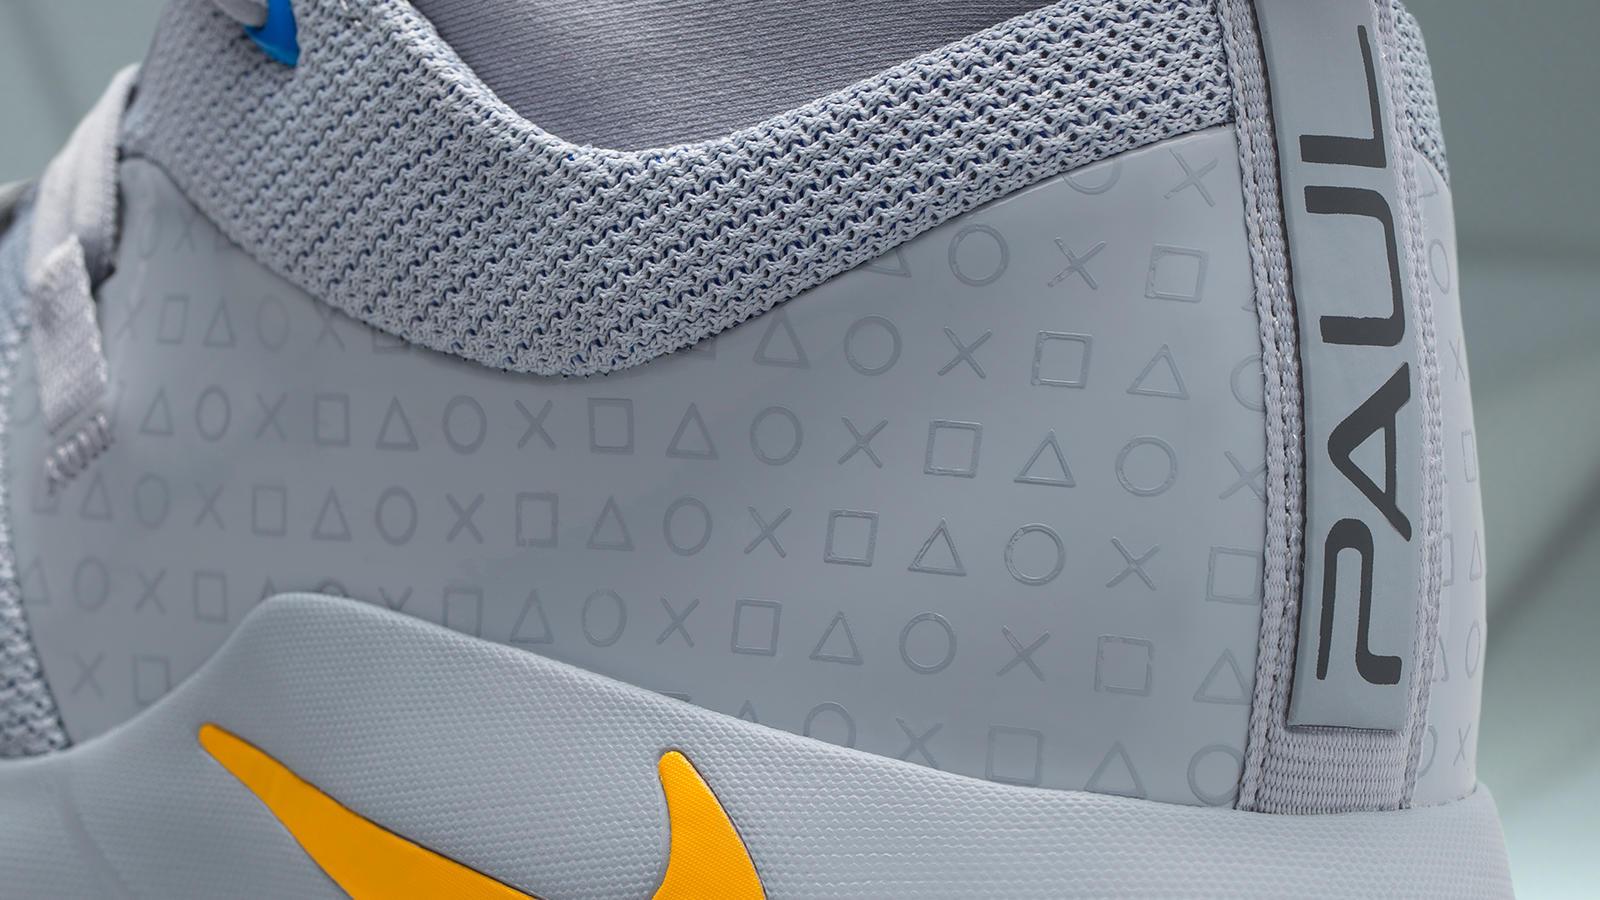 Playstation x Nike Air Max Tuned 1